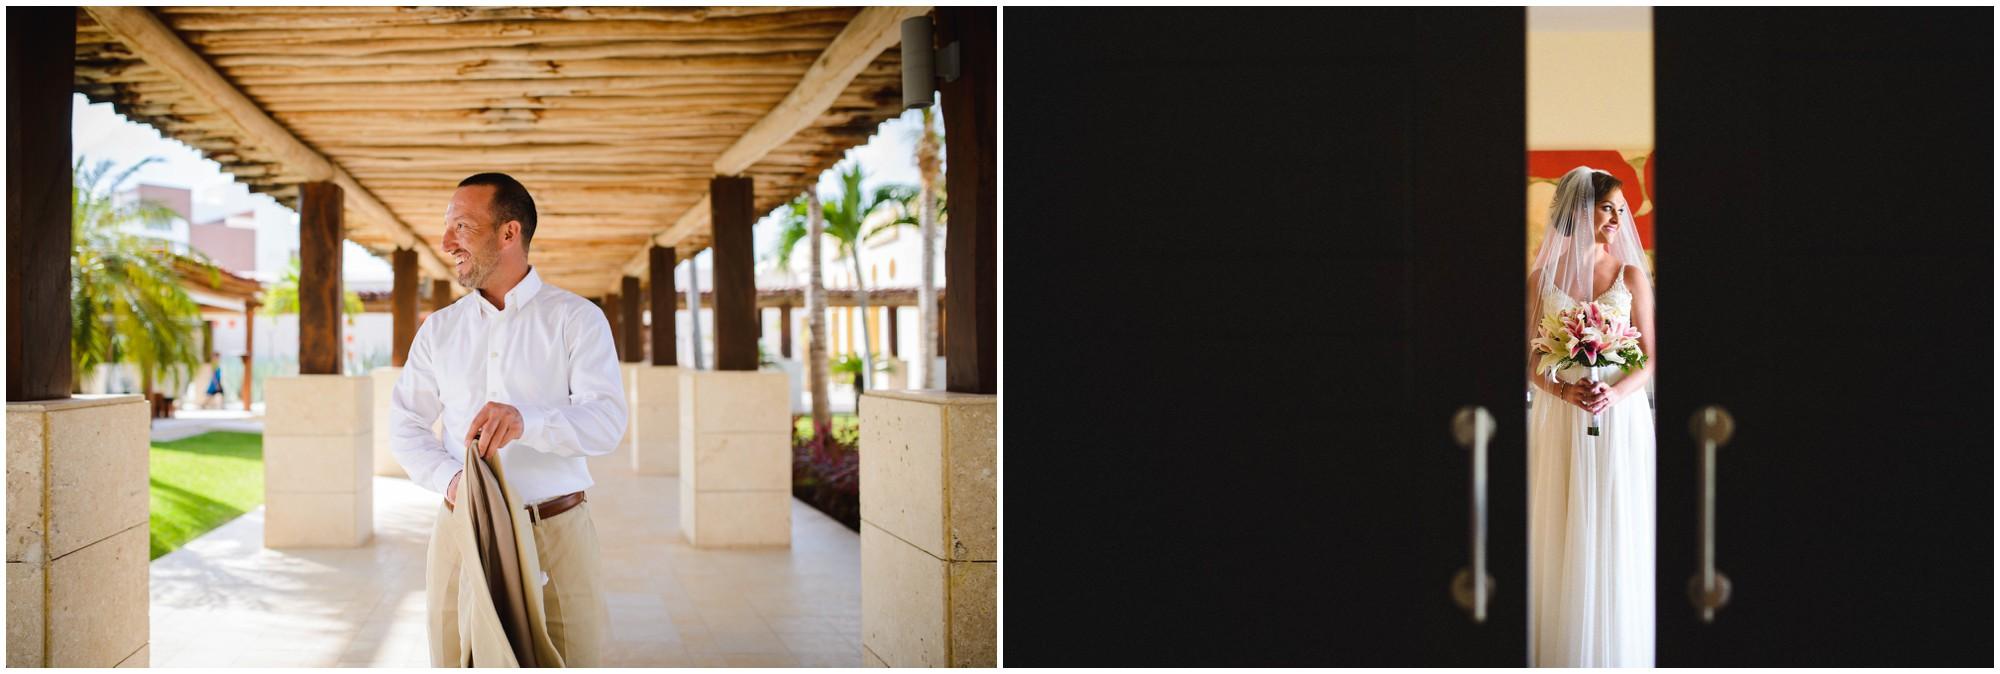 272-Mexico-destination-wedding-photography-garcia.jpg